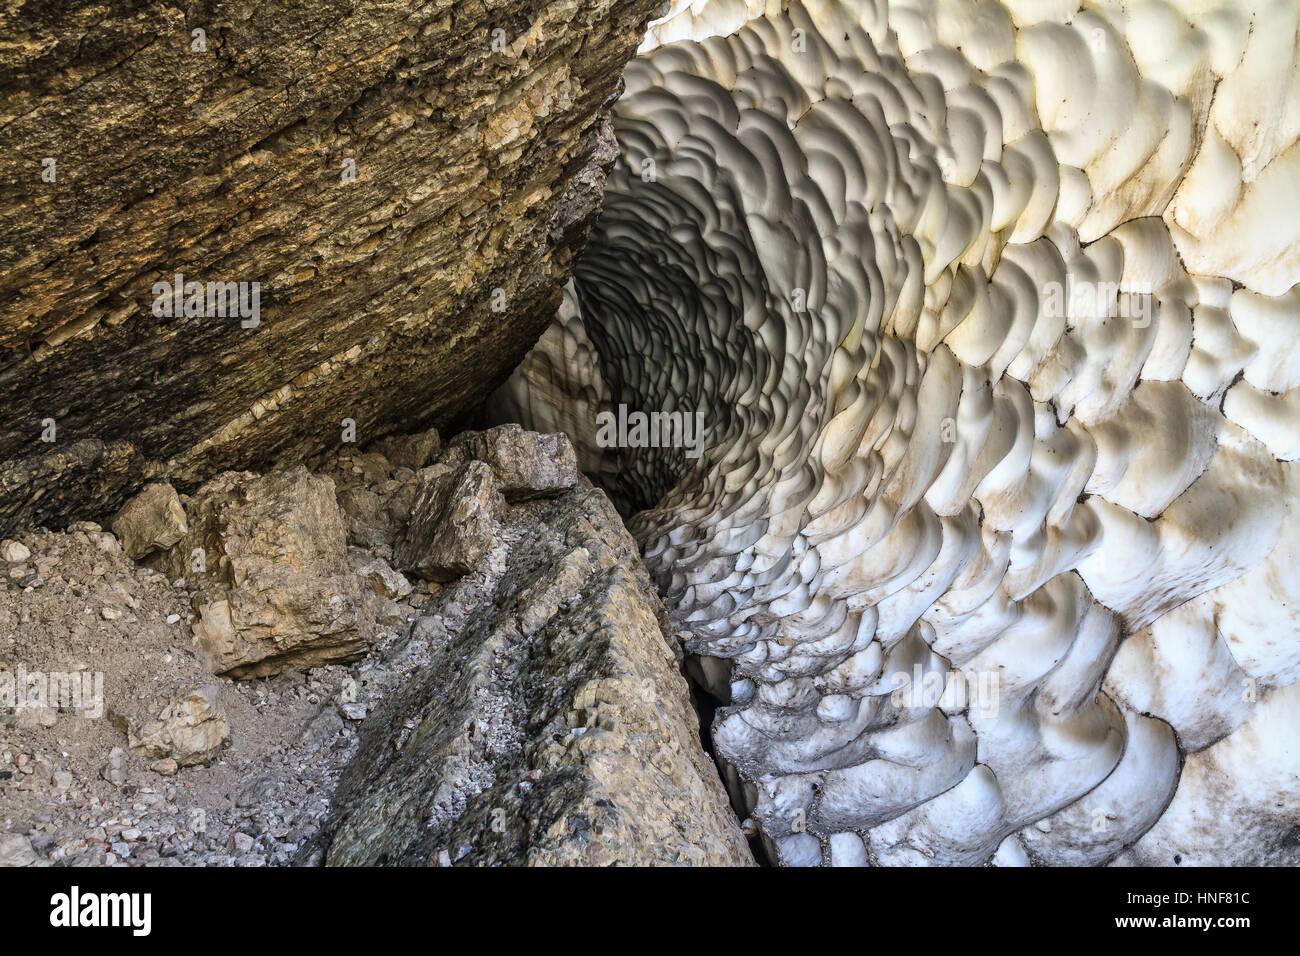 Dolomiti - tunnel tra rocce e ghiacciai chiamato Grotta della neve in Val Badia, Alto Adige, Italia Immagini Stock